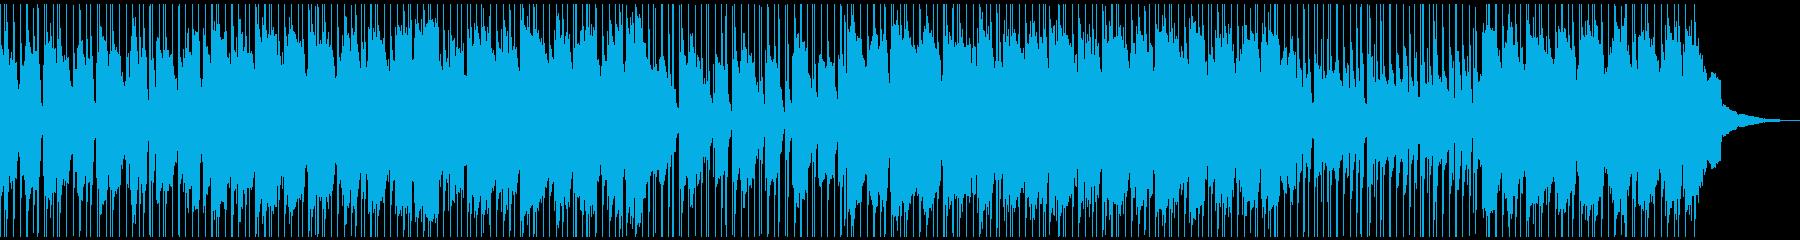 ポップ ロック ほのぼの 幸せ ワ...の再生済みの波形